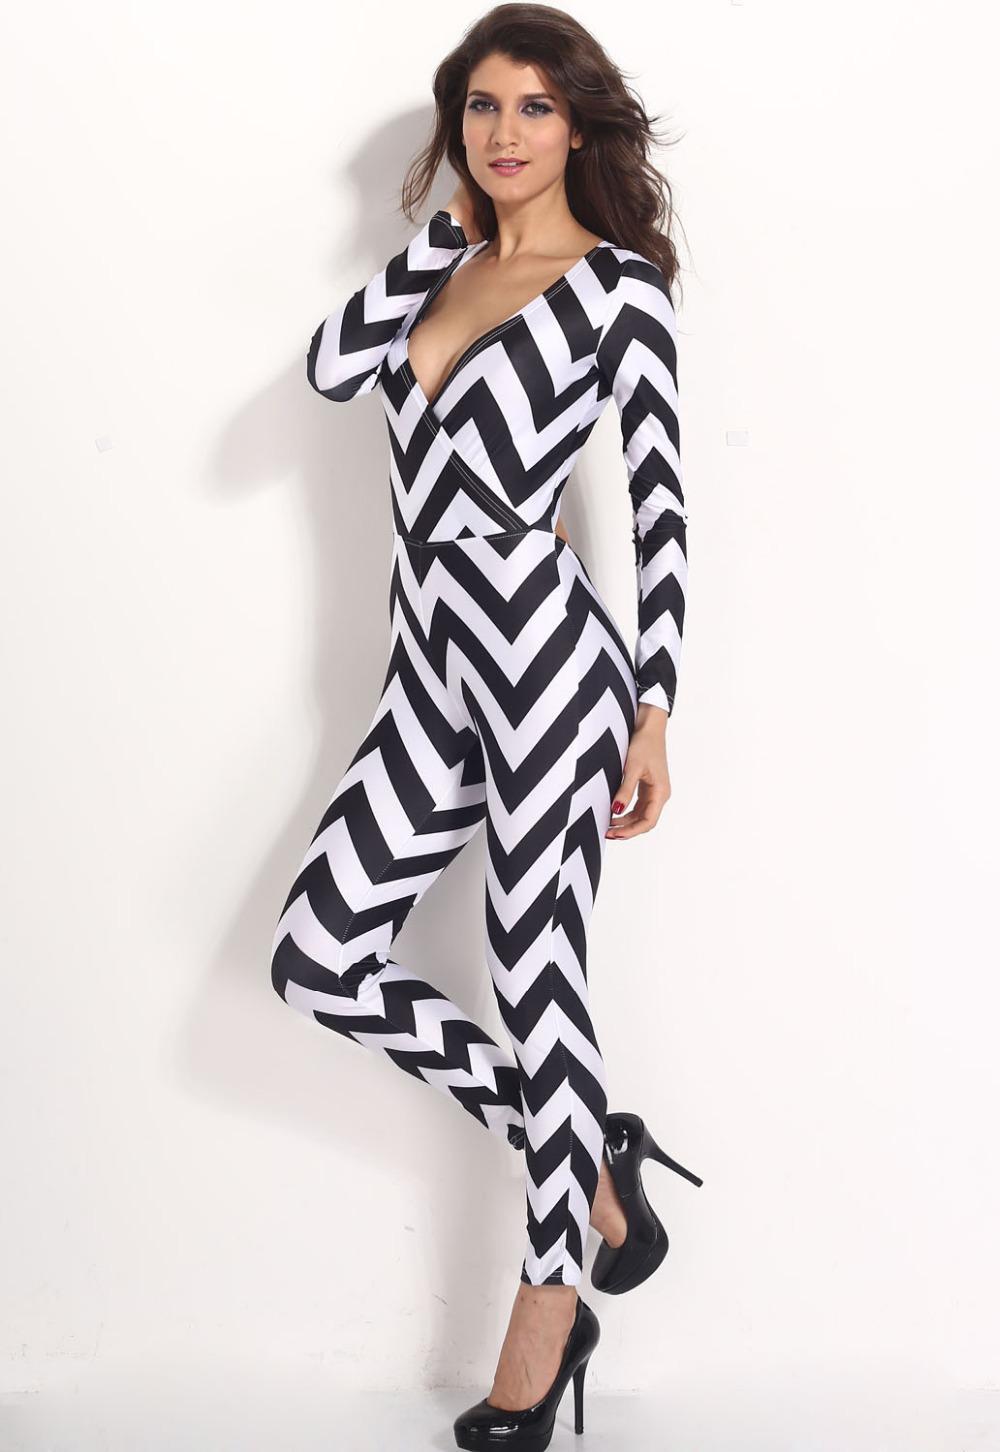 elegante apertado 2014 novo venda quente baratos preto sexy& branco zig zag macacão zy6419 frete grátis(China (Mainland))